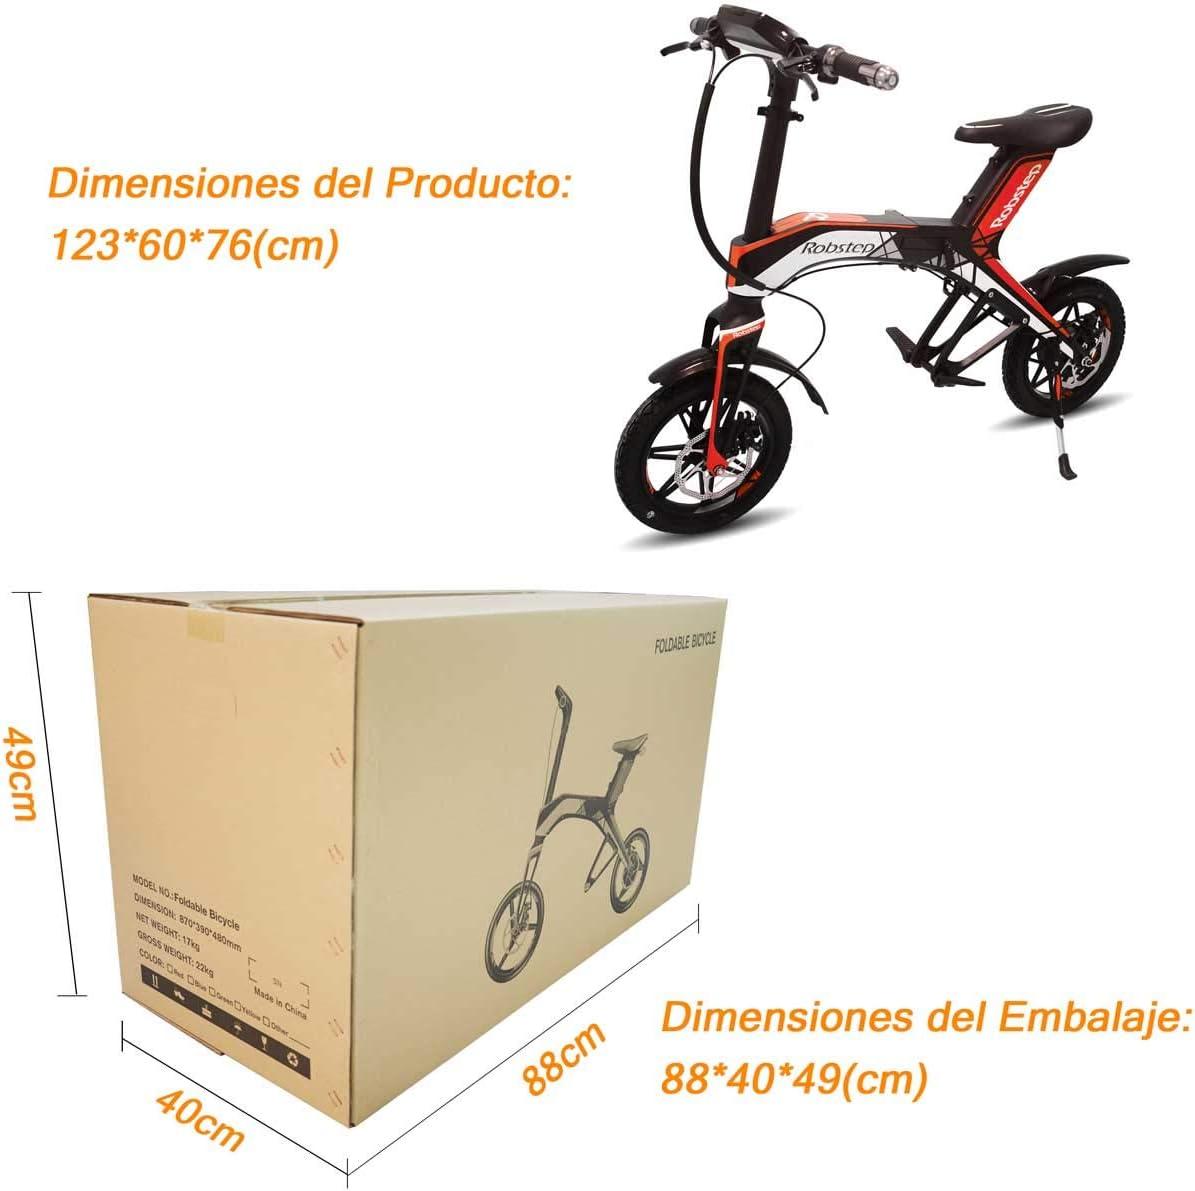 """Robstep Bicicleta Eléctrica Plegable 14"""",Bocina Bluetooth y USB para Cargar Teléfono Celular,Pantalla Inteligente,Carga Máxima 120 kg,Certificación CE/FCC(Rojo Urbano): Amazon.es: Deportes y aire libre"""